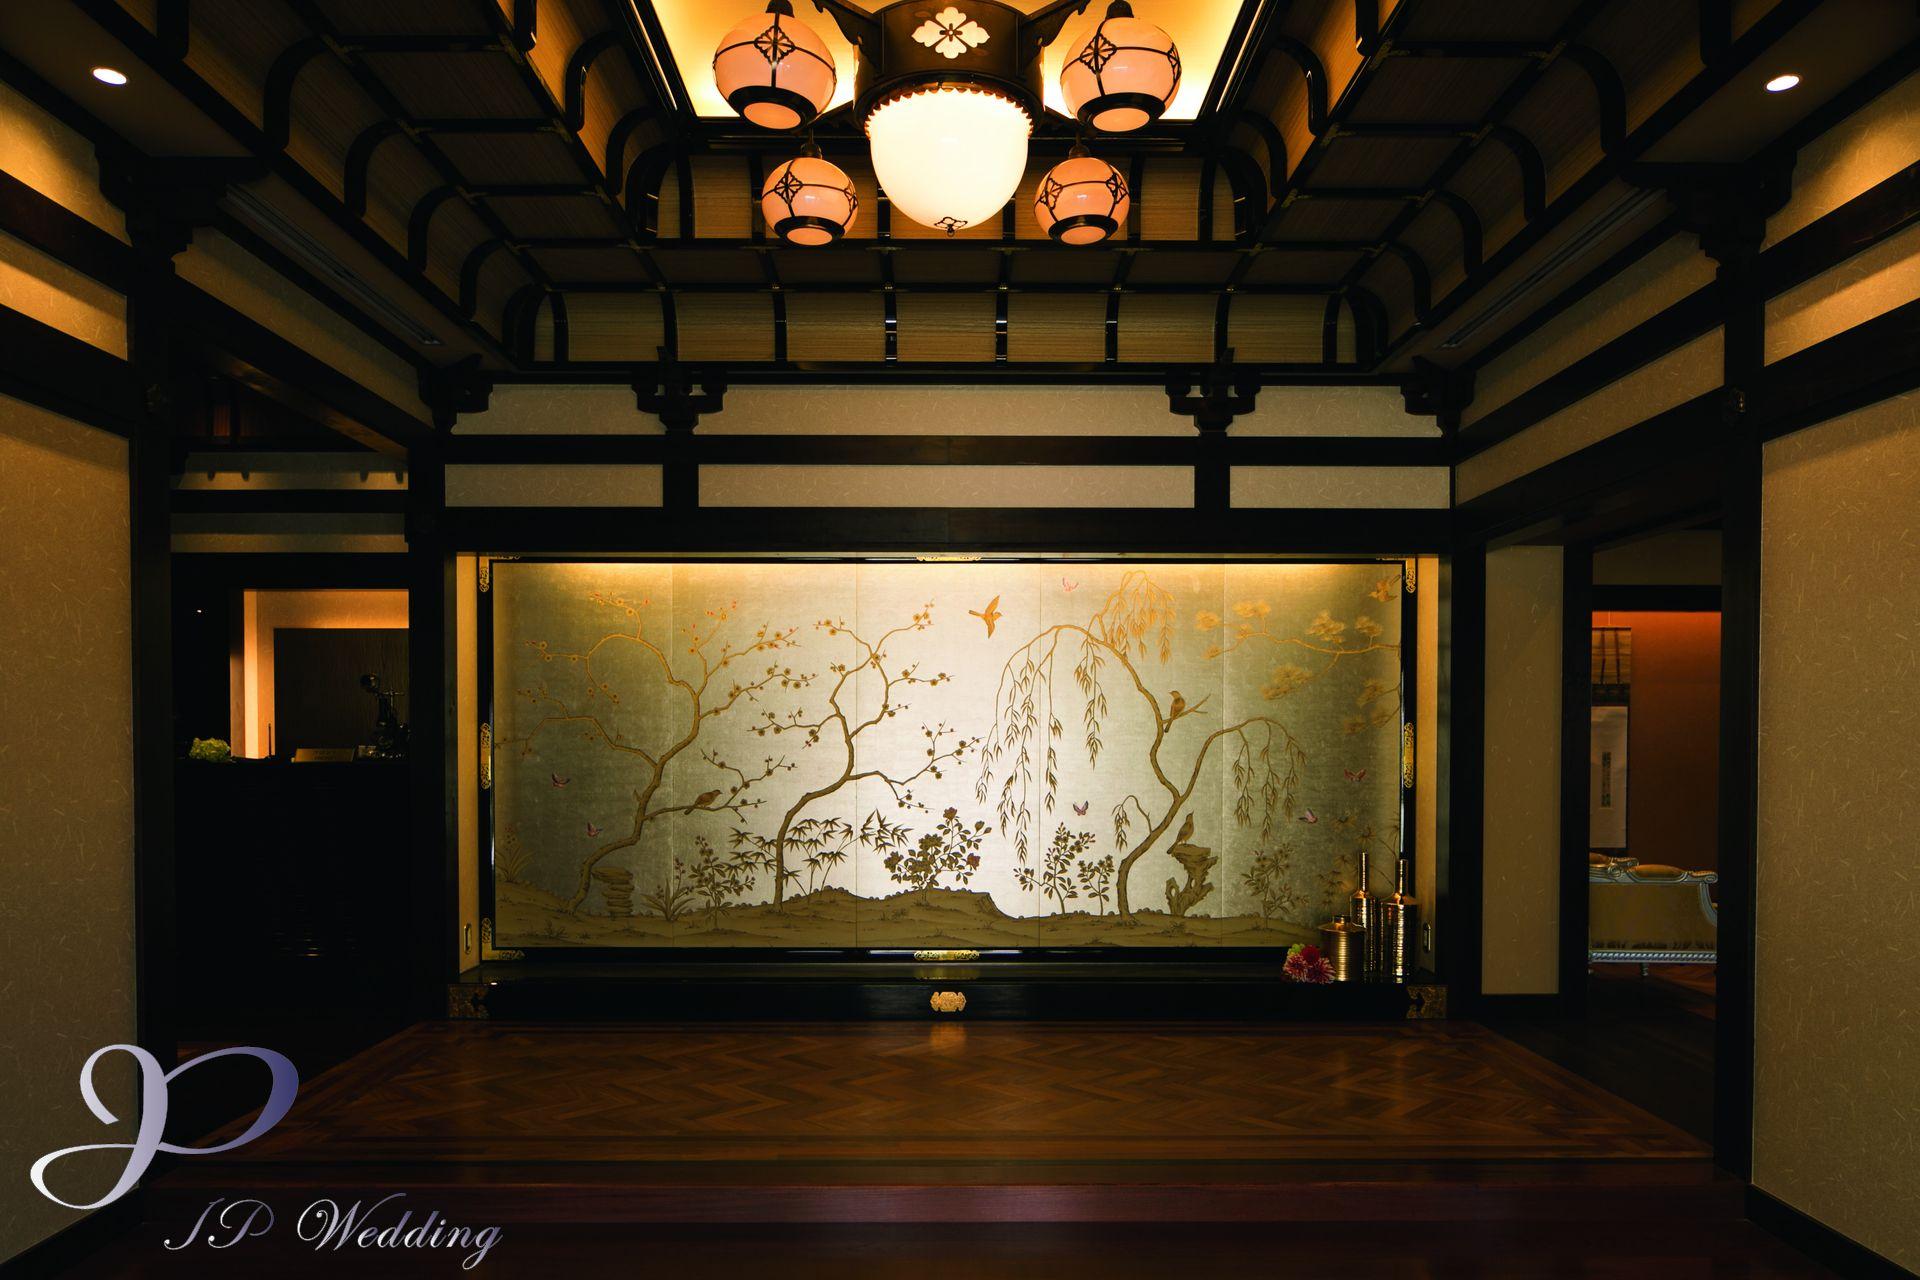 JP Wedding HK